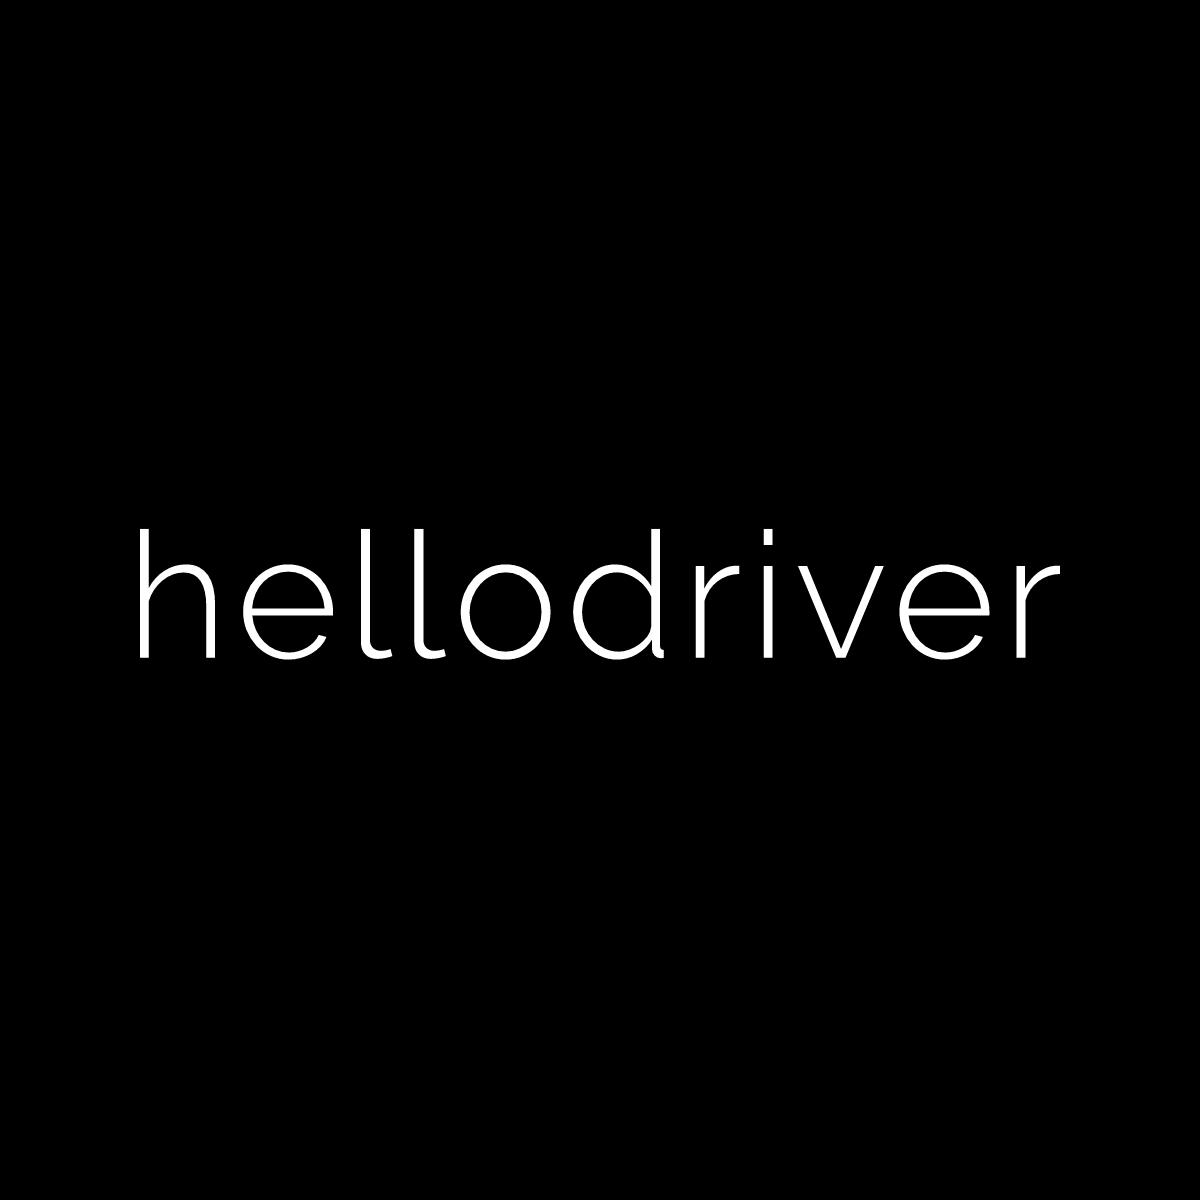 Hellodriver